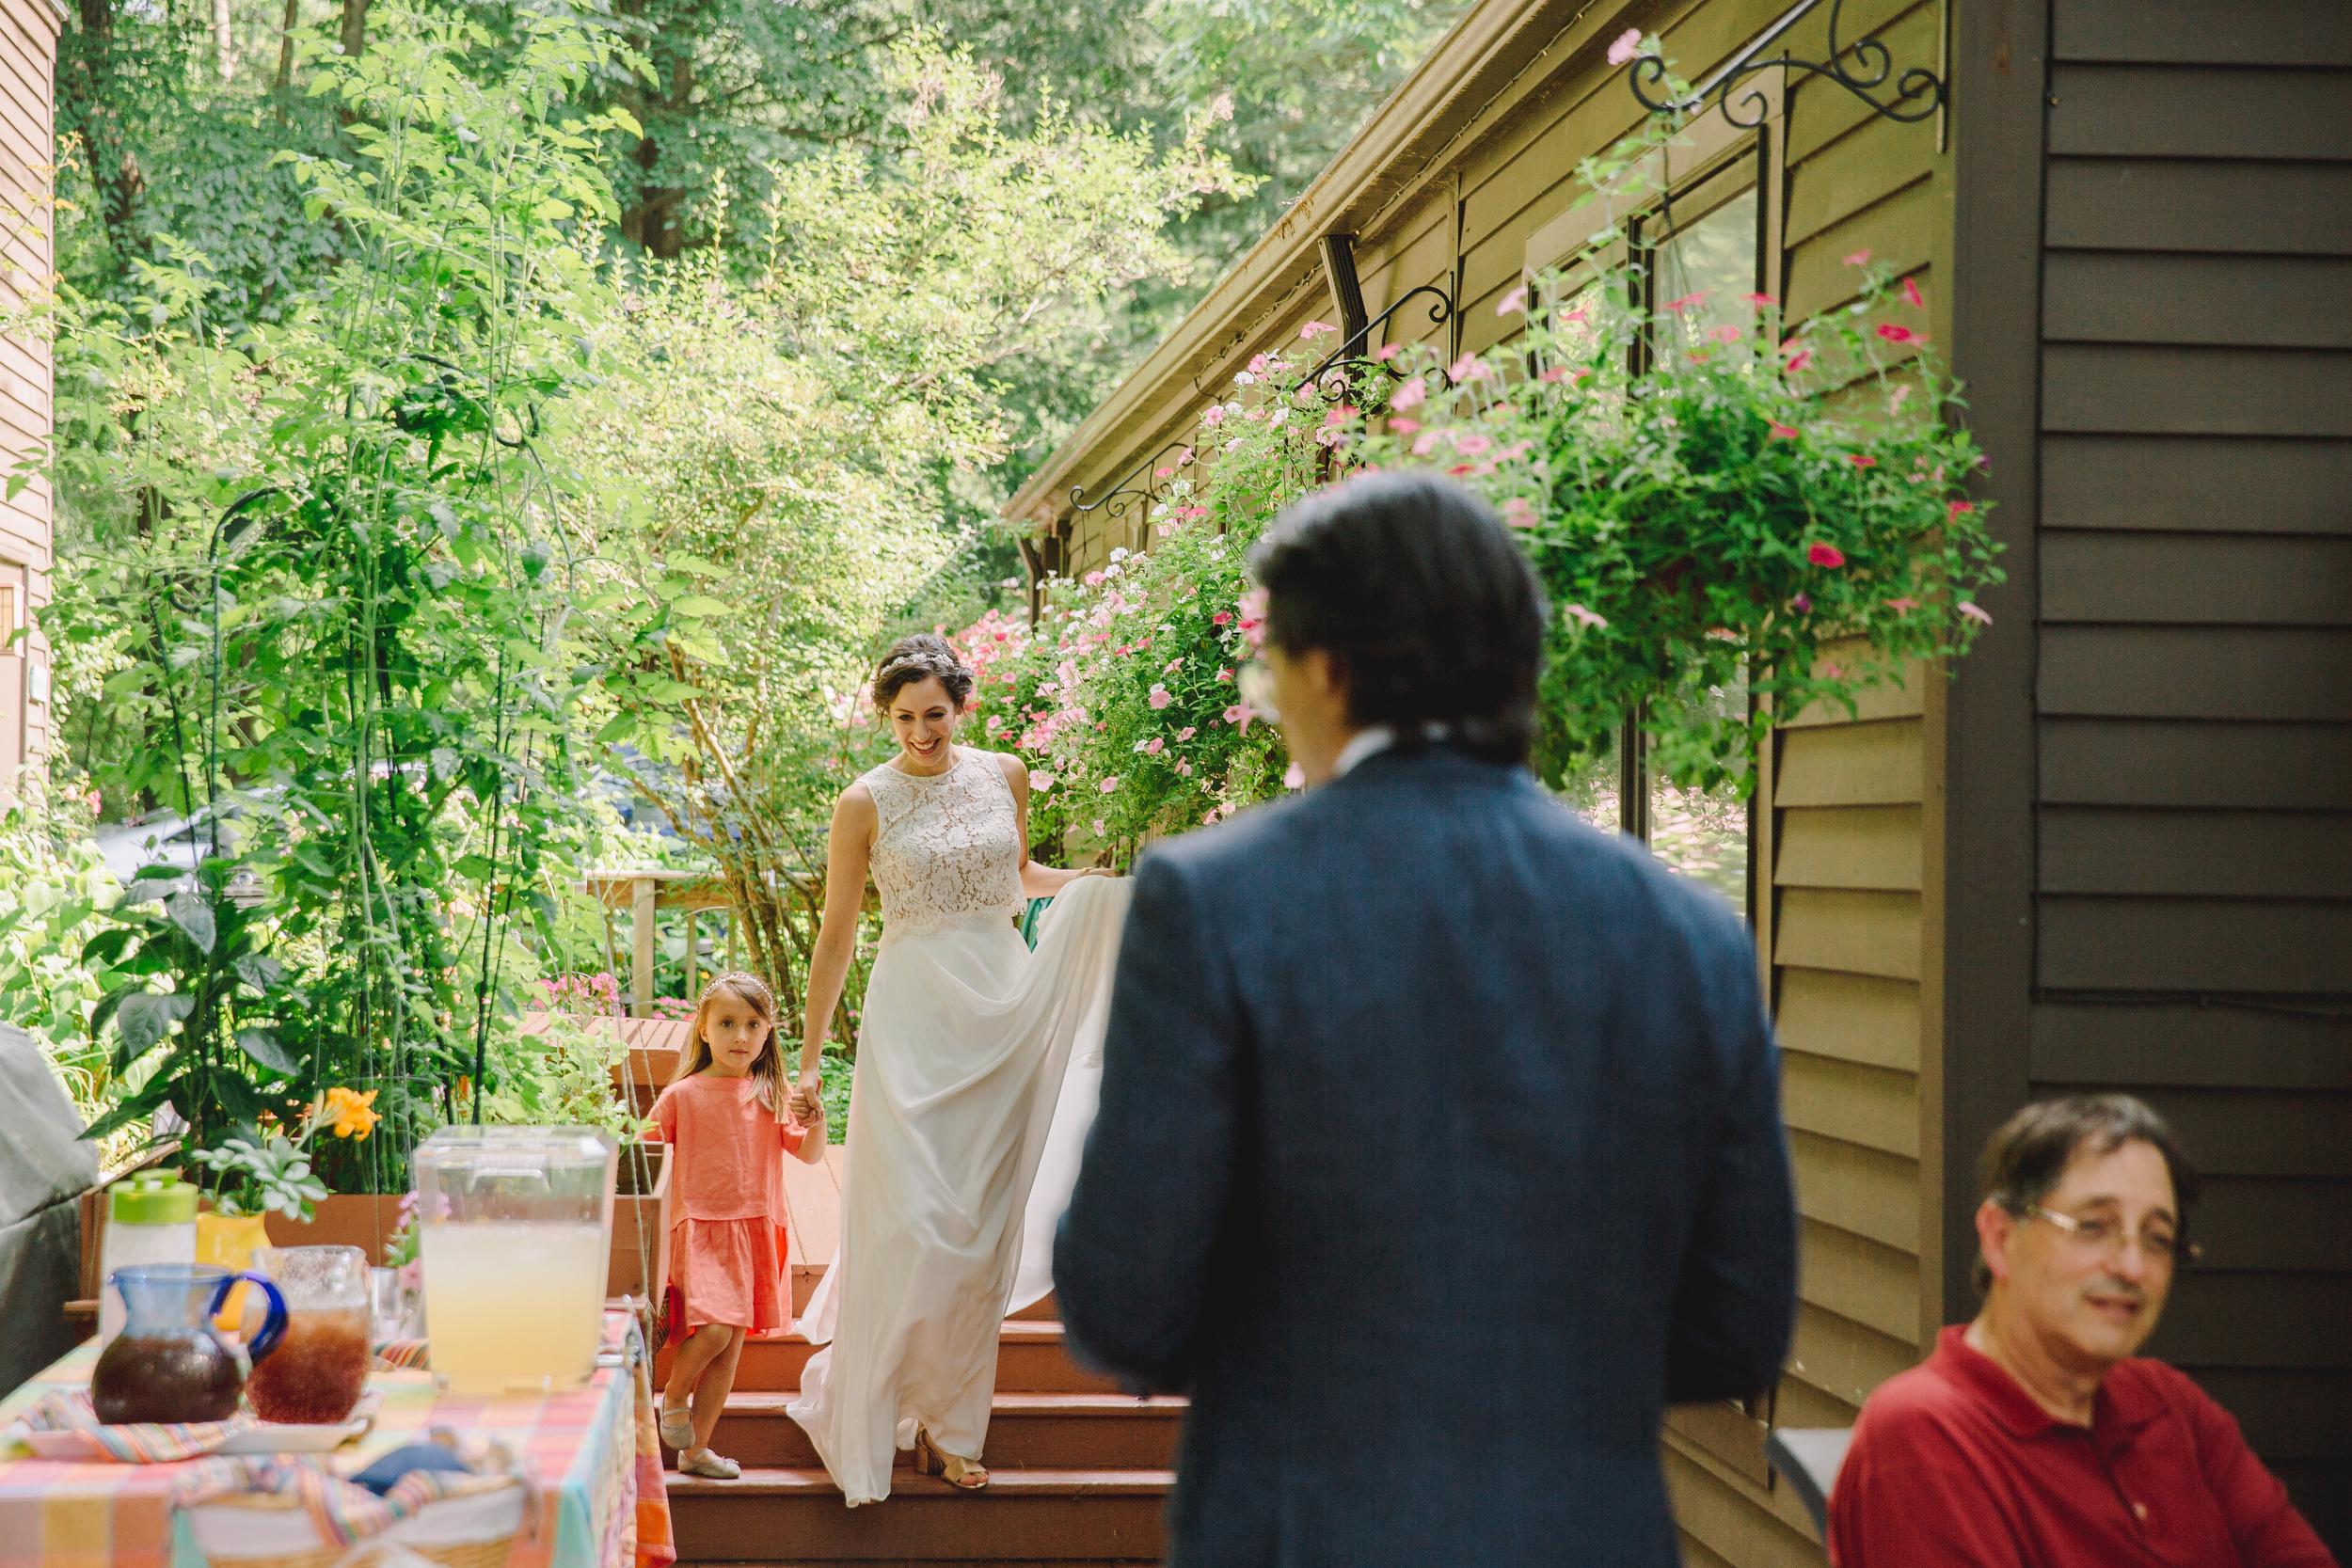 capecod_backyard_wedding_photos_mikhail_5.JPG